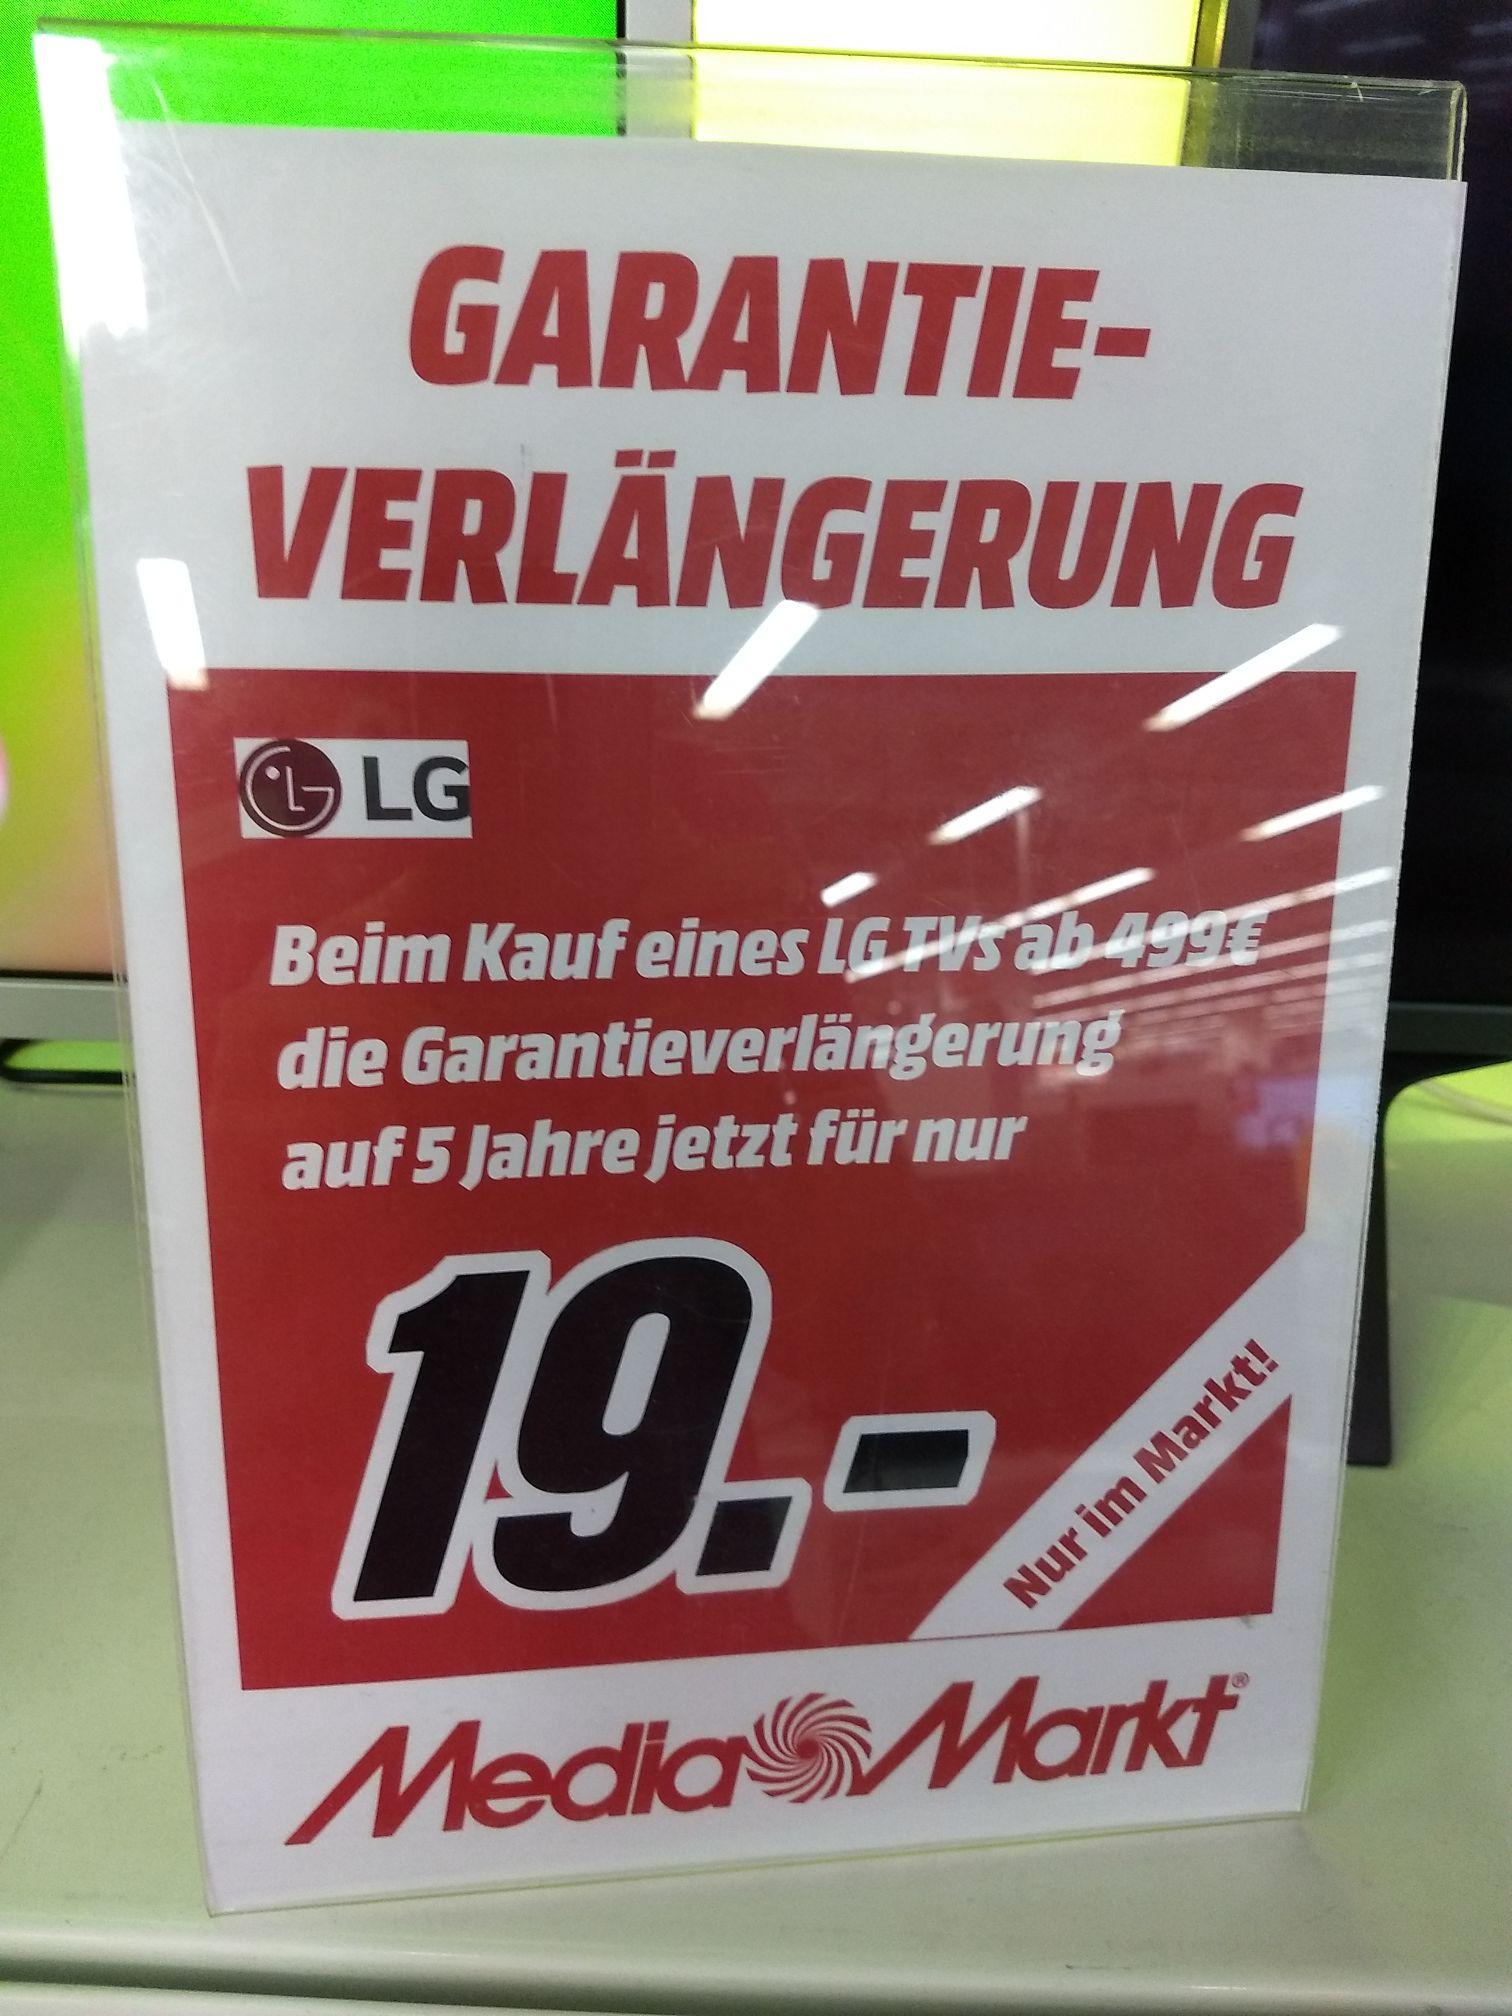 Media Markt bundesweit Garantieerweiterung auf 5 Jahre für LG TVs ab 499€